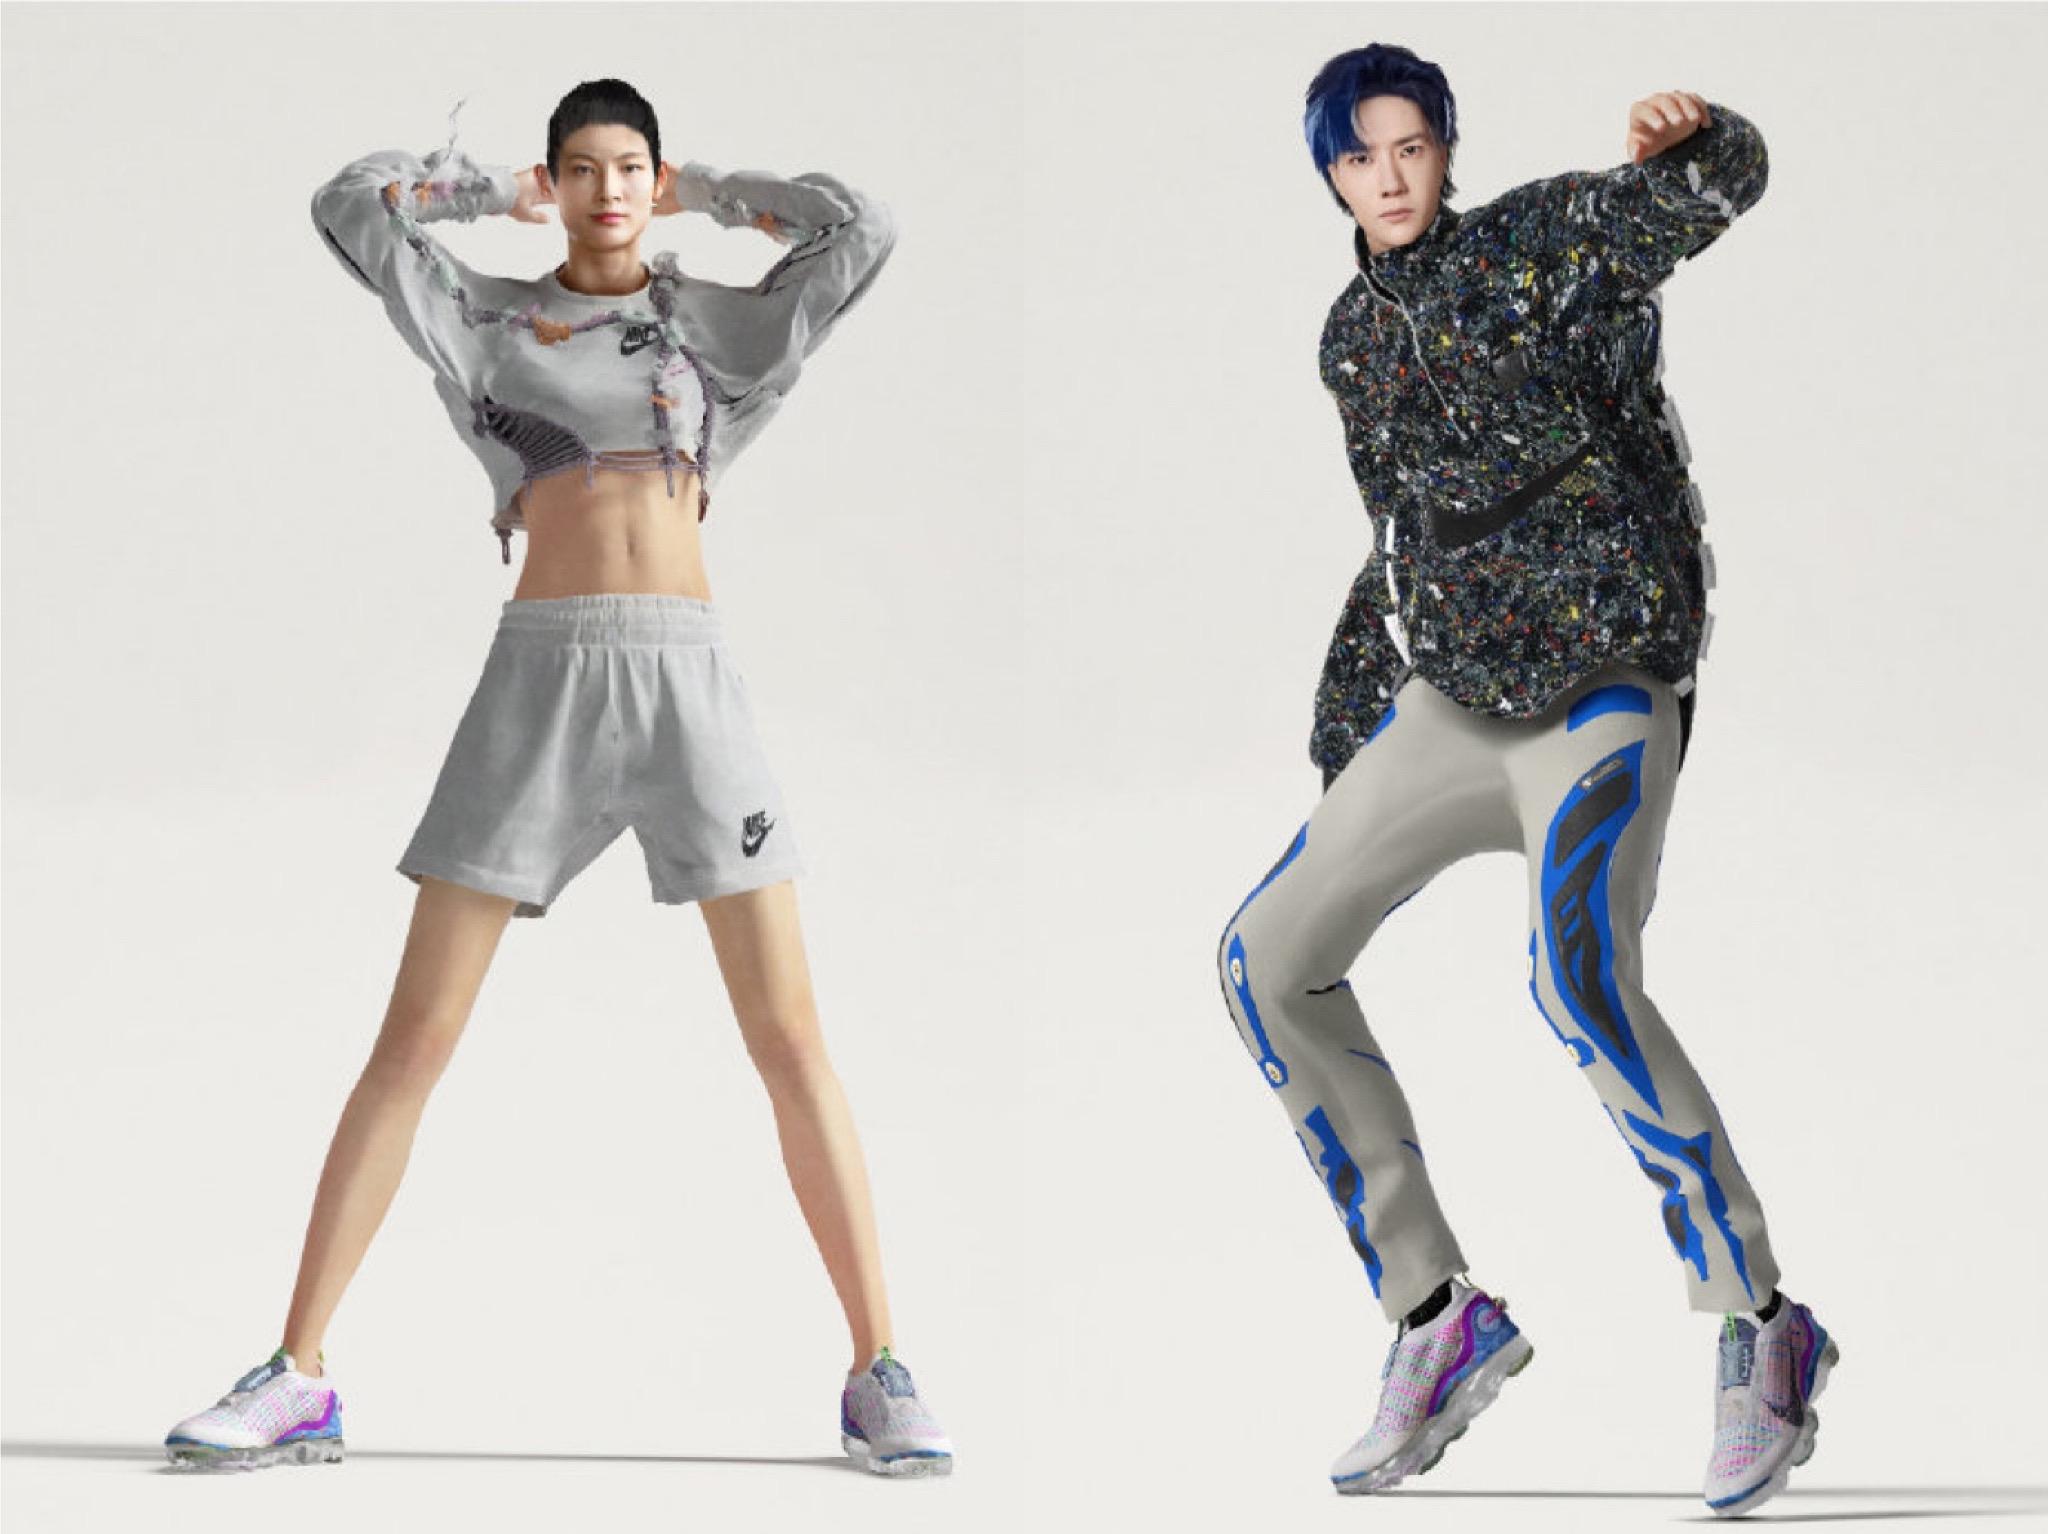 Nike 启用虚拟形象,背后的原因竟是 …|华丽智库重磅报告导读